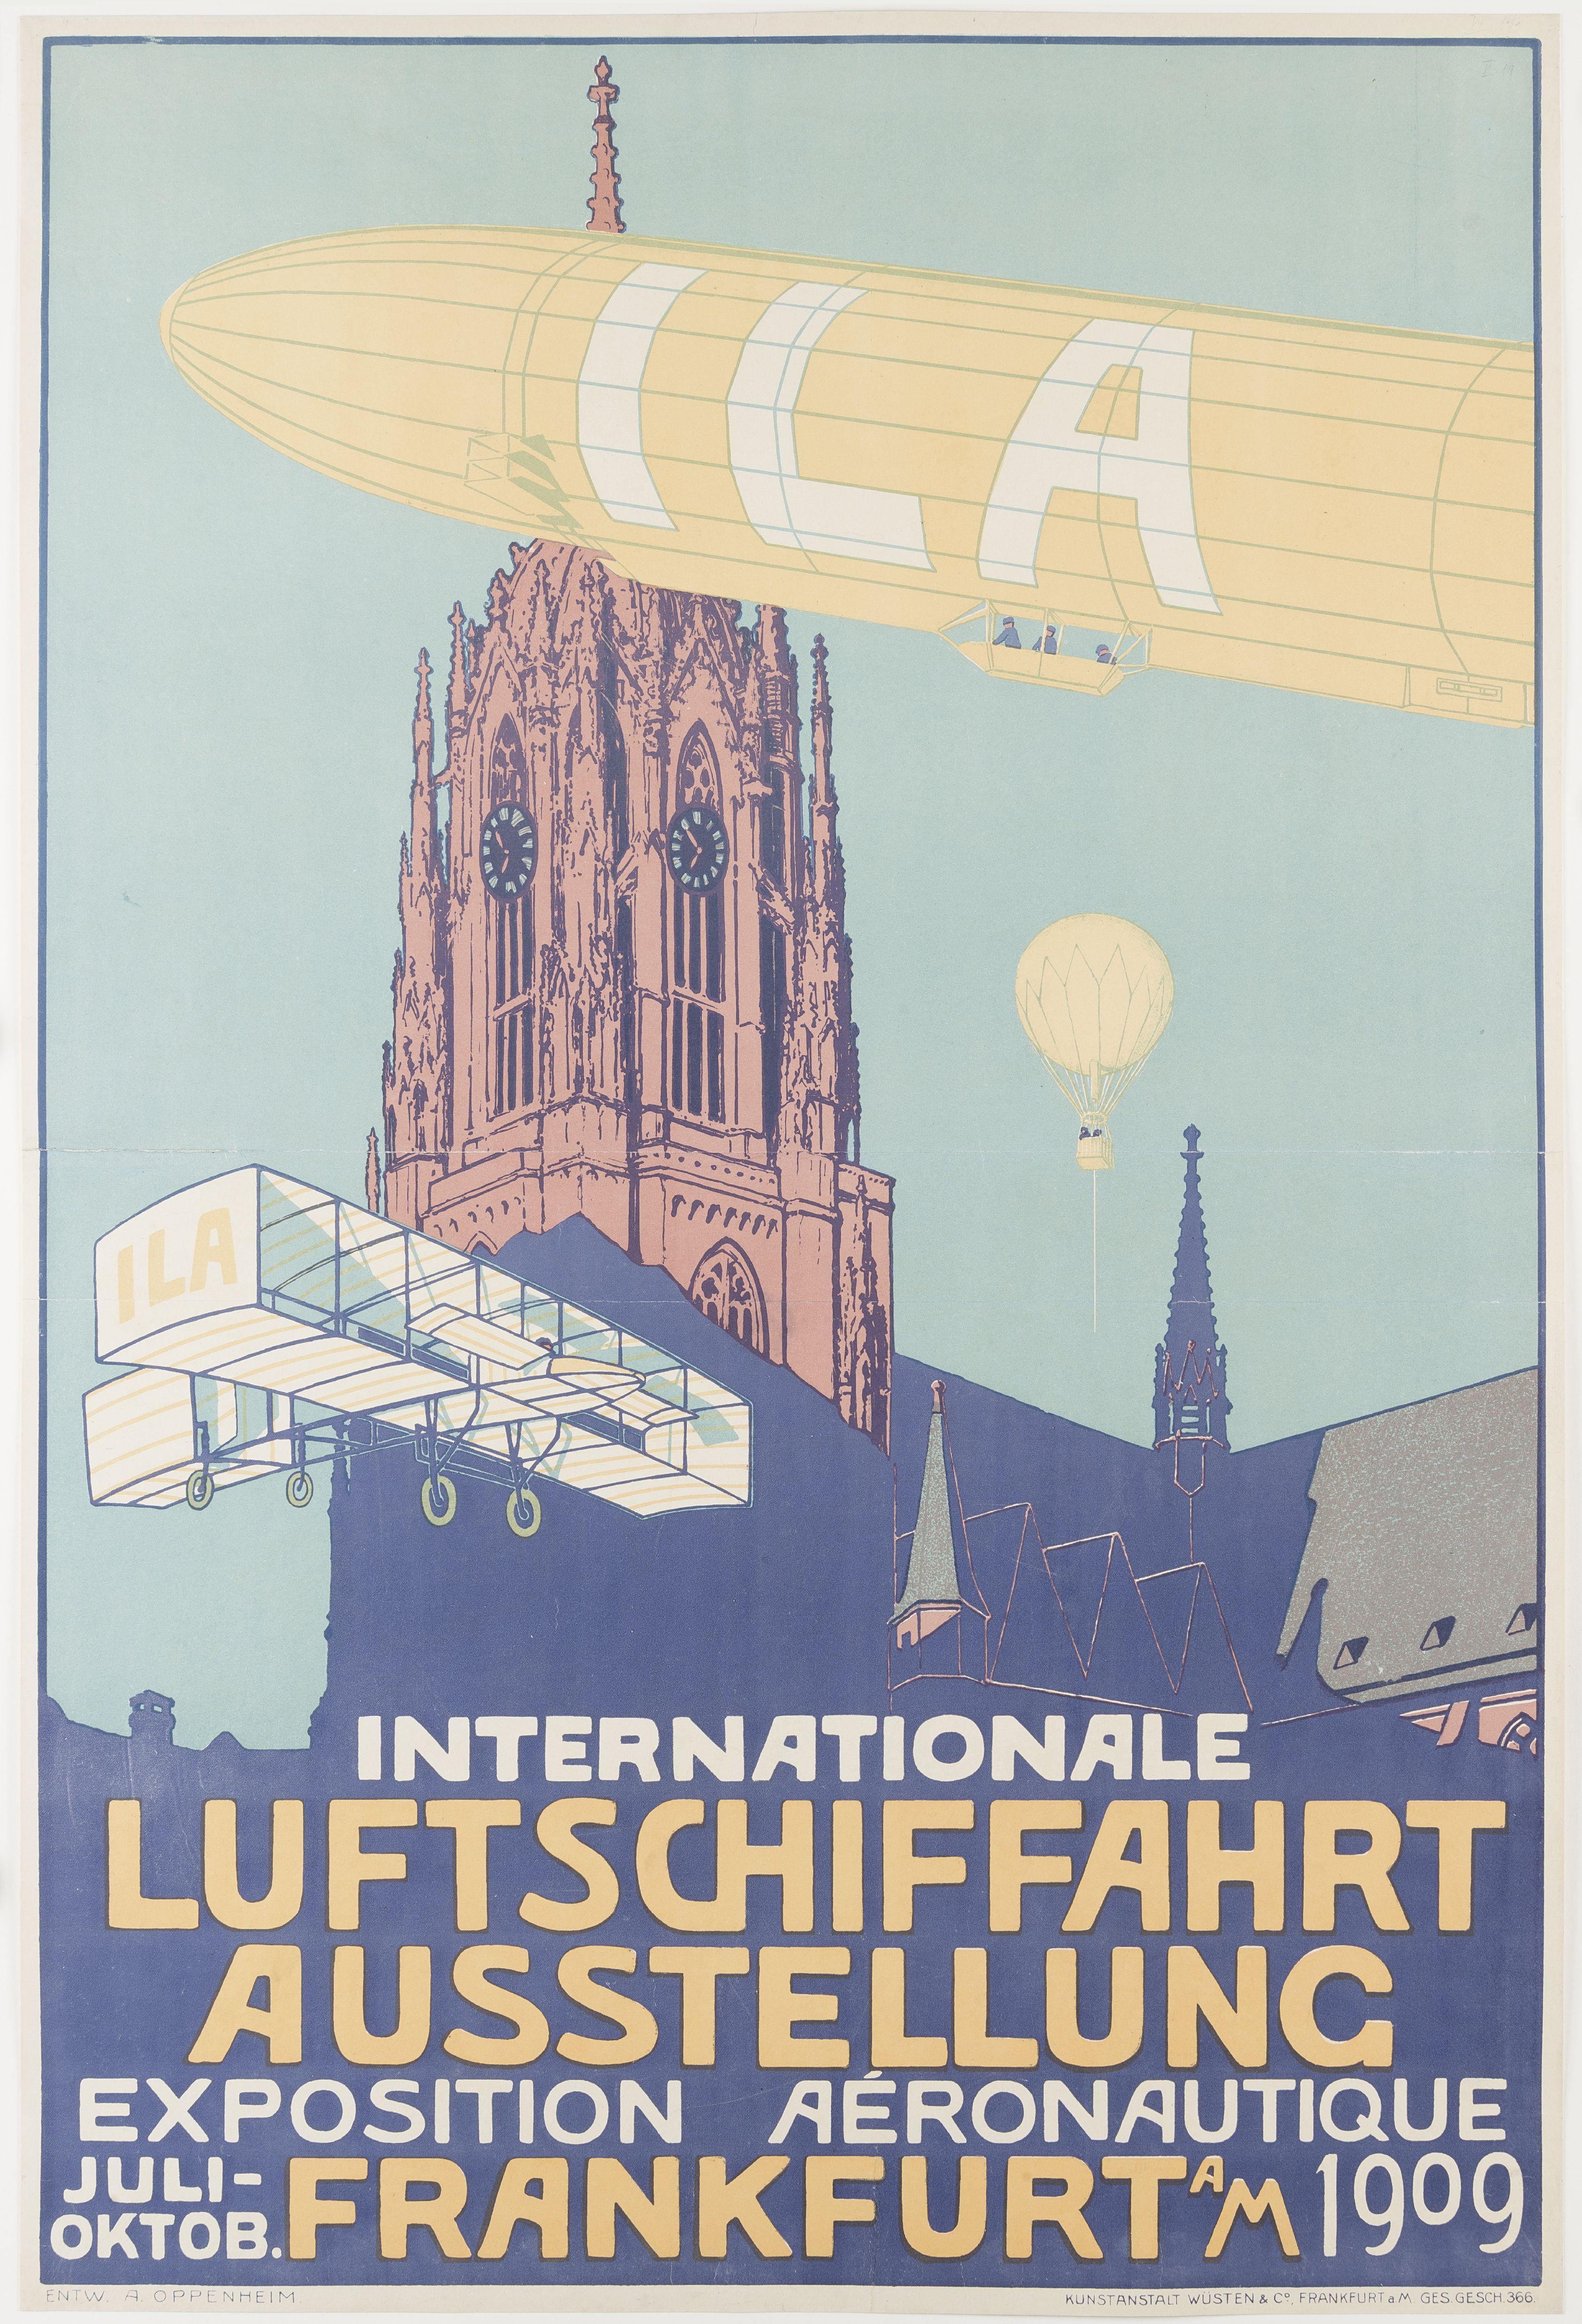 Diese Bild zeigt ein Plakat zur Internationalen Luftschiffahrt Ausstellung in Frankfurt 1909